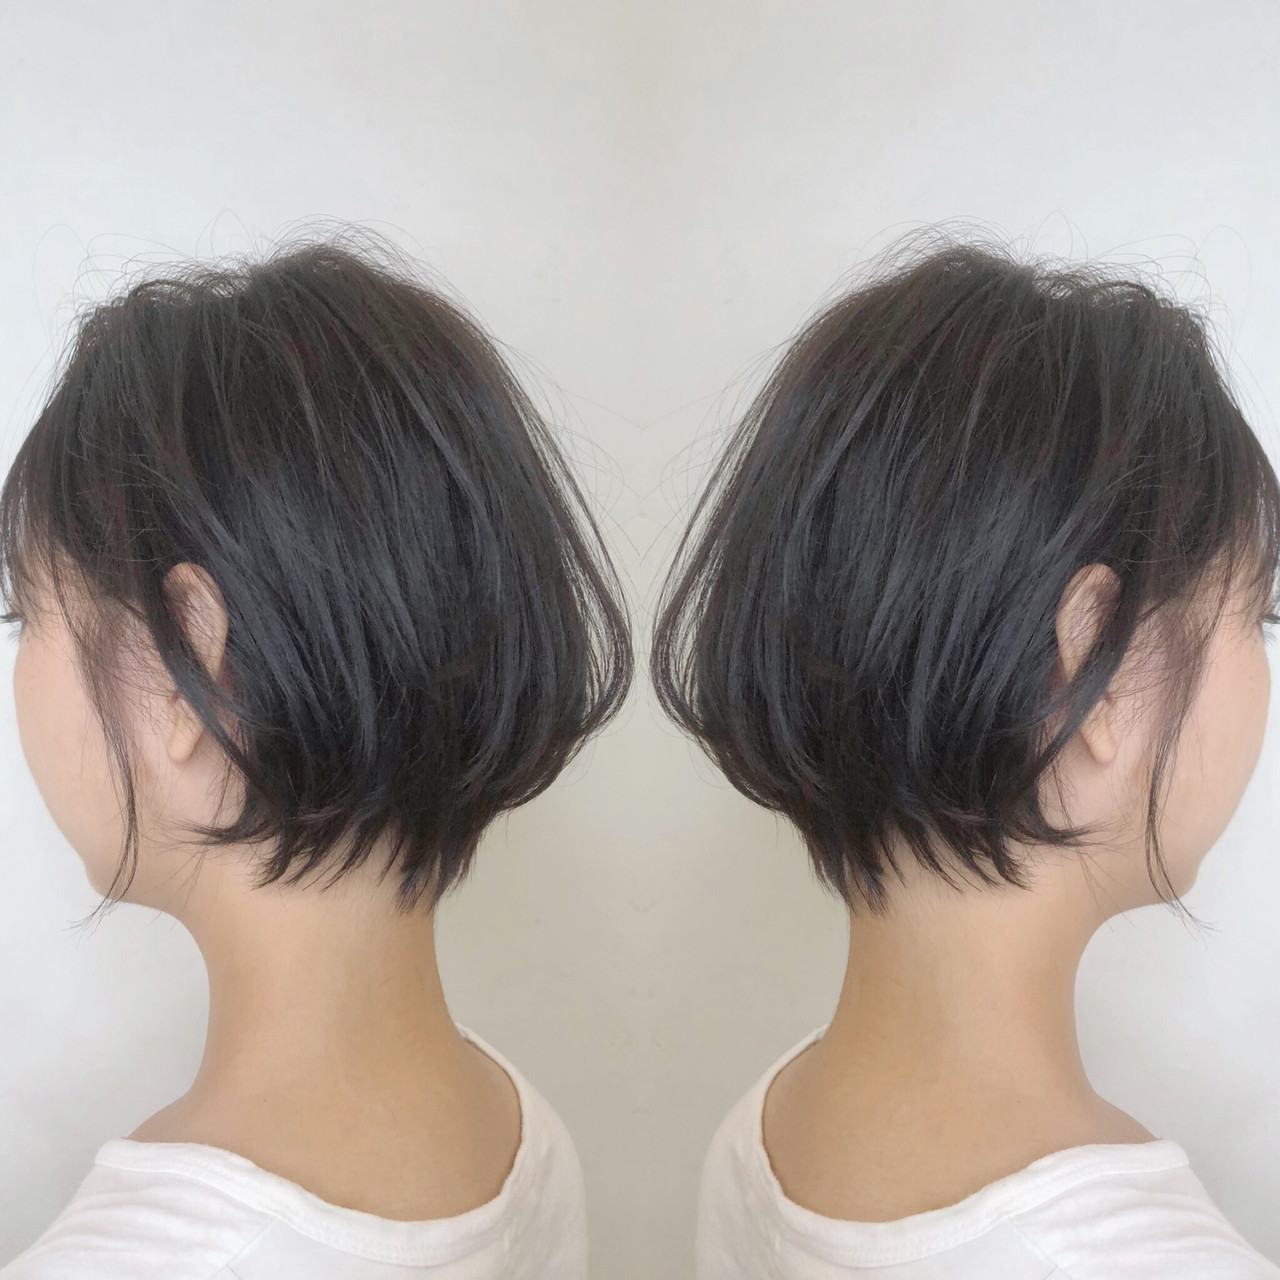 ガーリー ハンサムショート 小顔ショート ショート ヘアスタイルや髪型の写真・画像